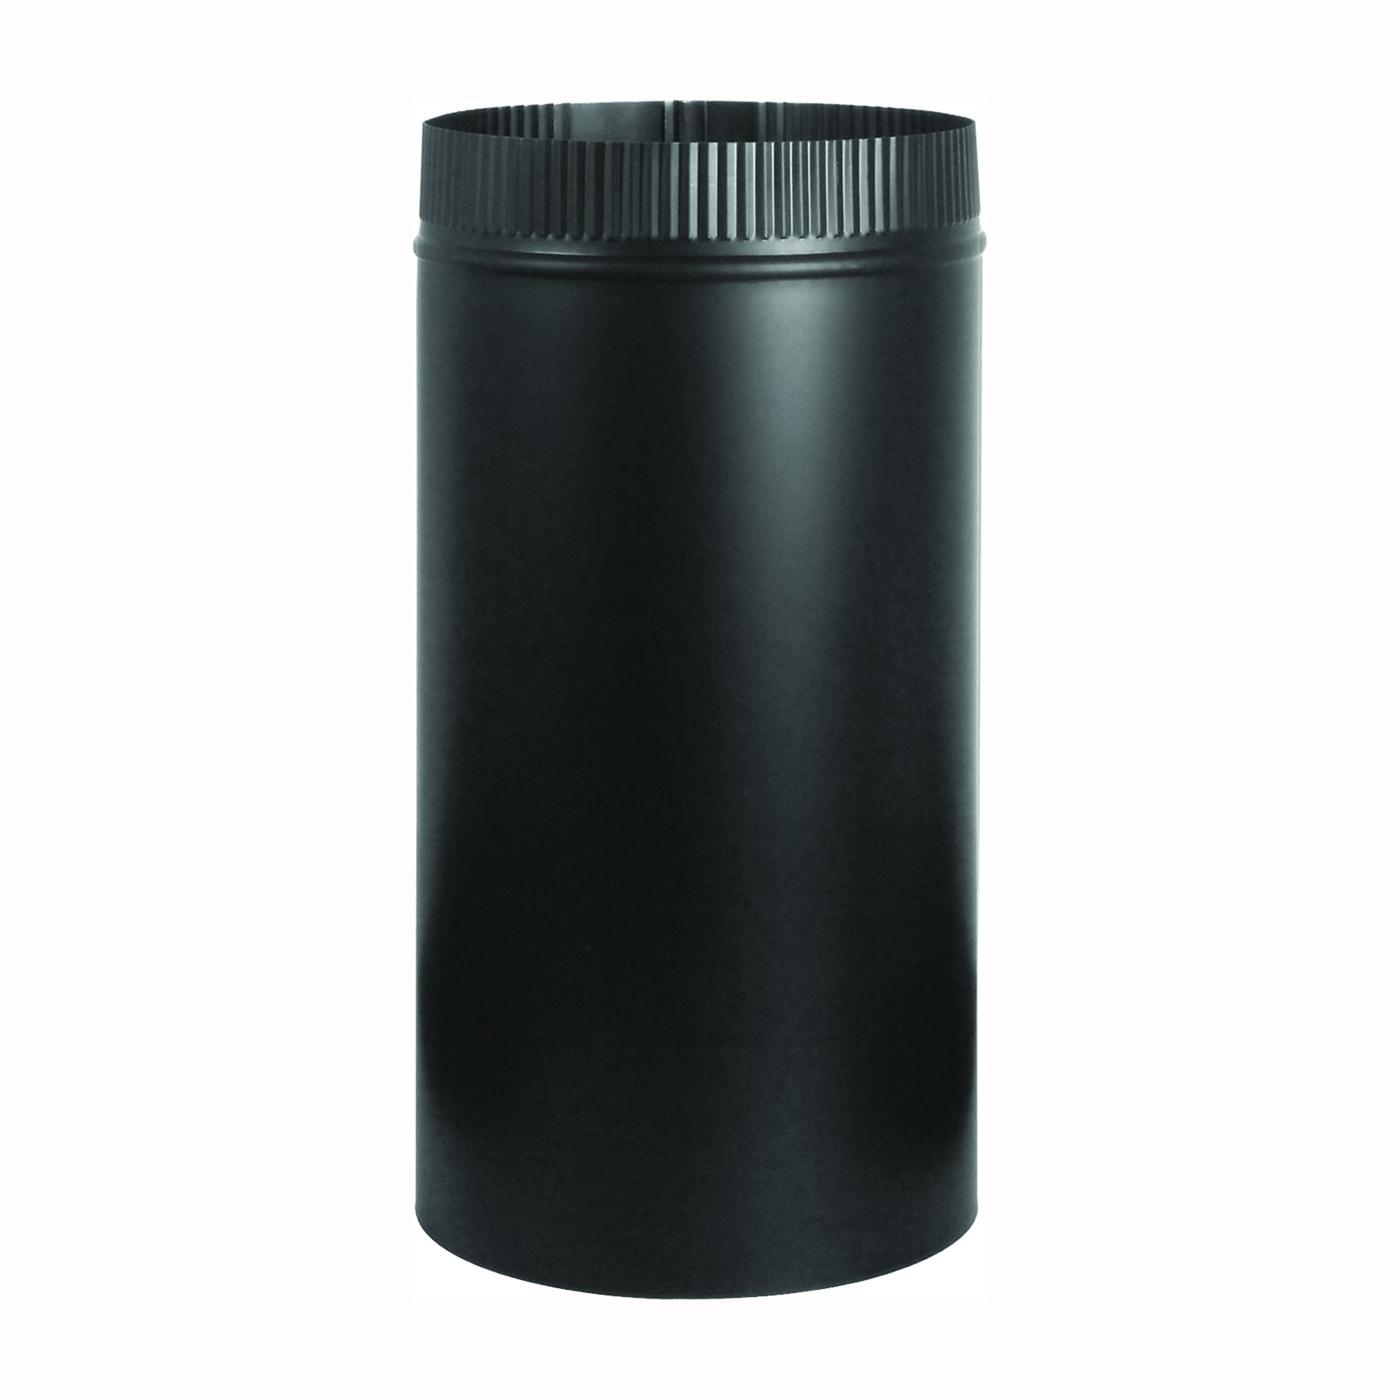 Picture of Imperial BM0104 Stove Pipe, 8 in Dia, 12 in L, Steel, Black